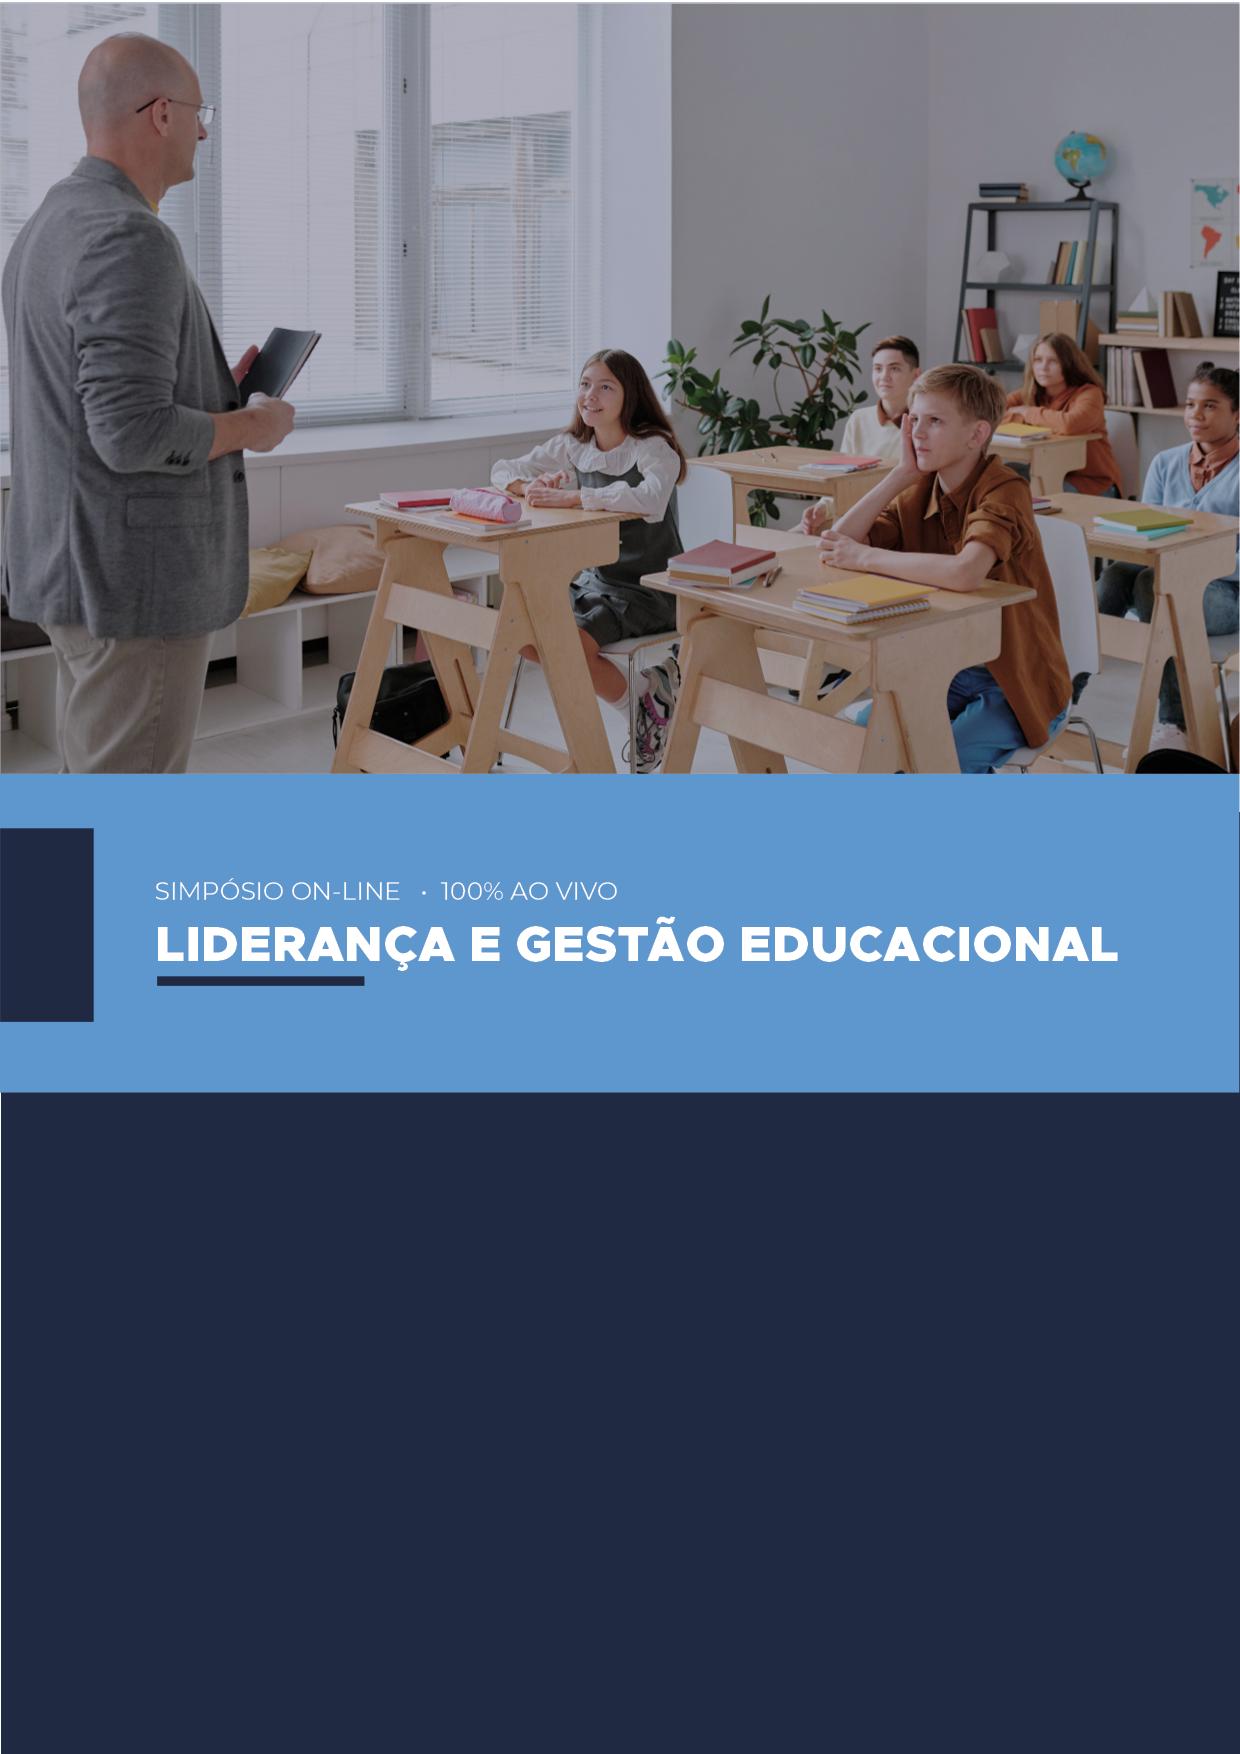 LIDERANÇA E GESTÃO EDUCACIONAL